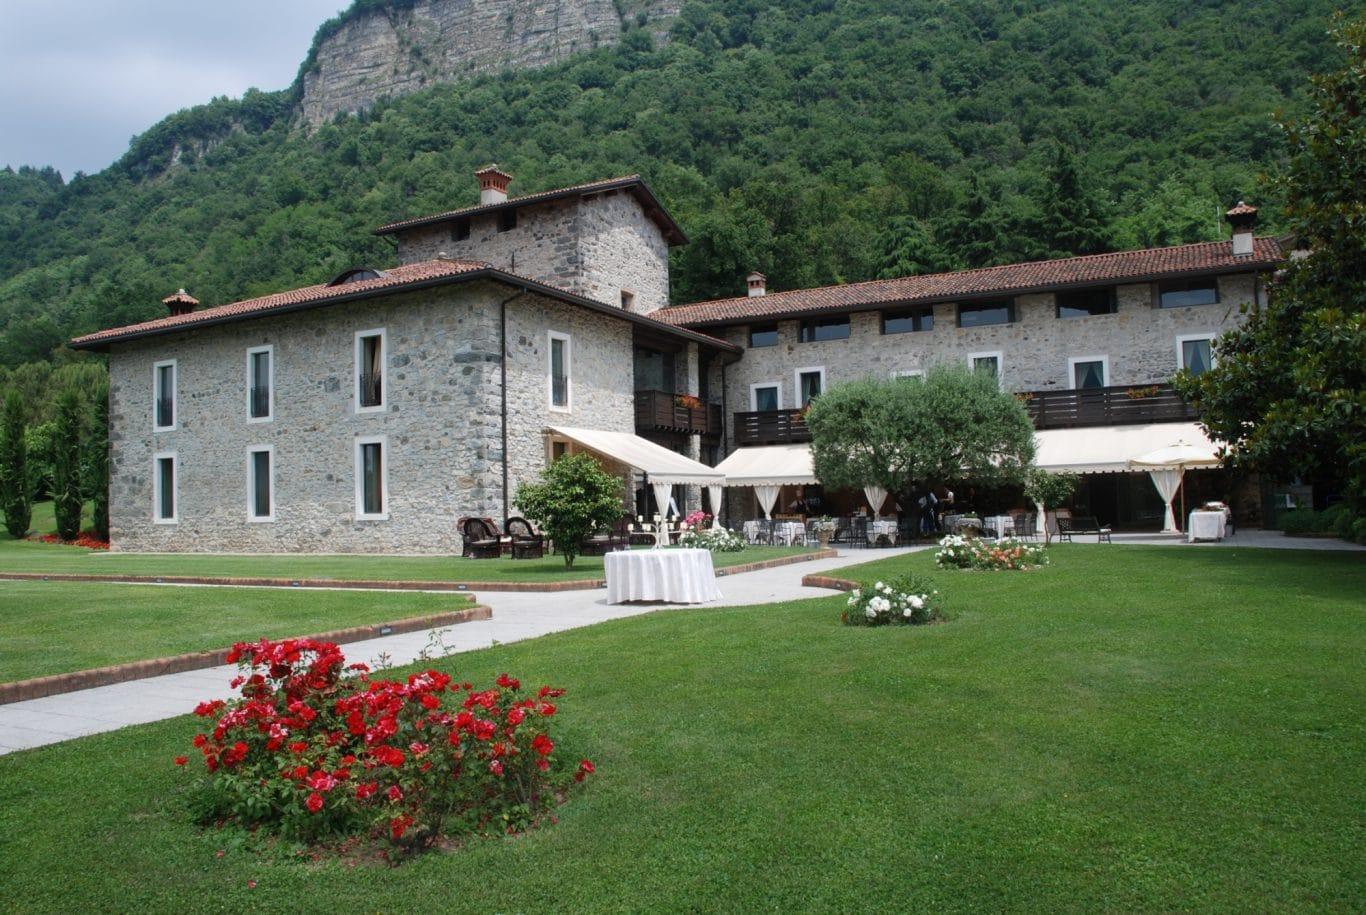 Matrimonio In Lombardia : Casa forte di bisone cisano bergamasco bergamo area